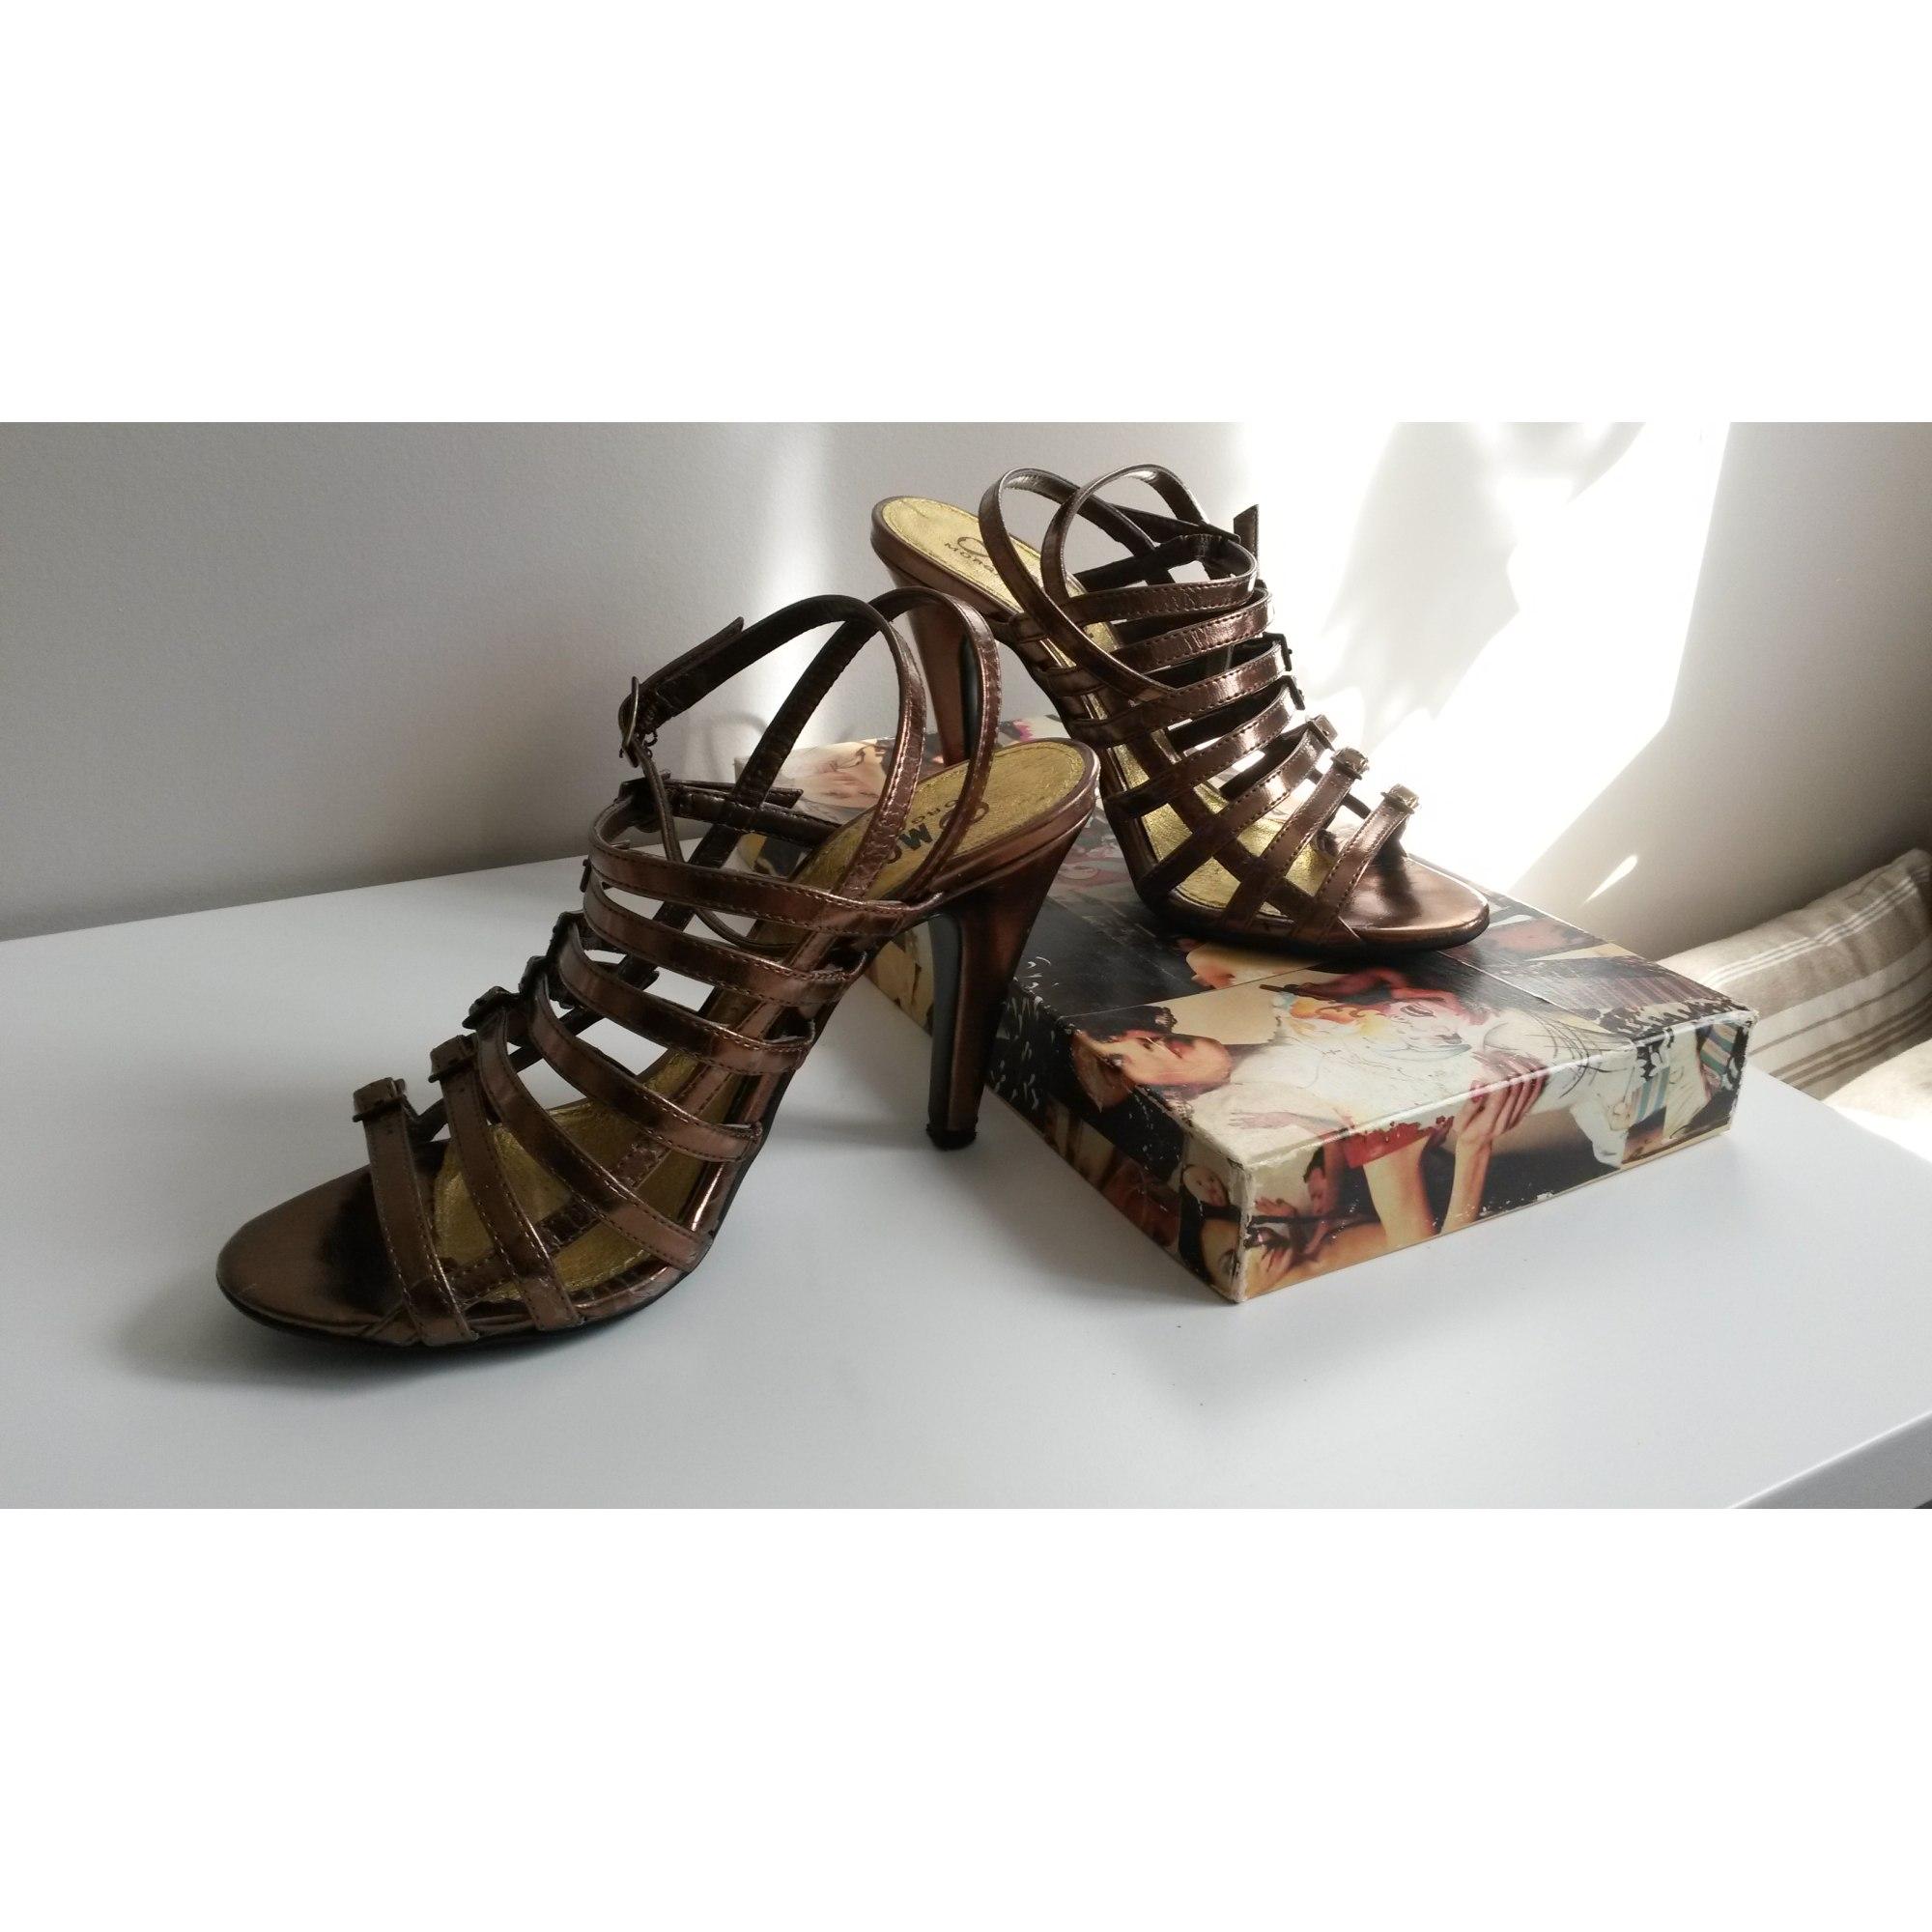 Escarpins à bouts ouverts MORGAN Doré, bronze, cuivre